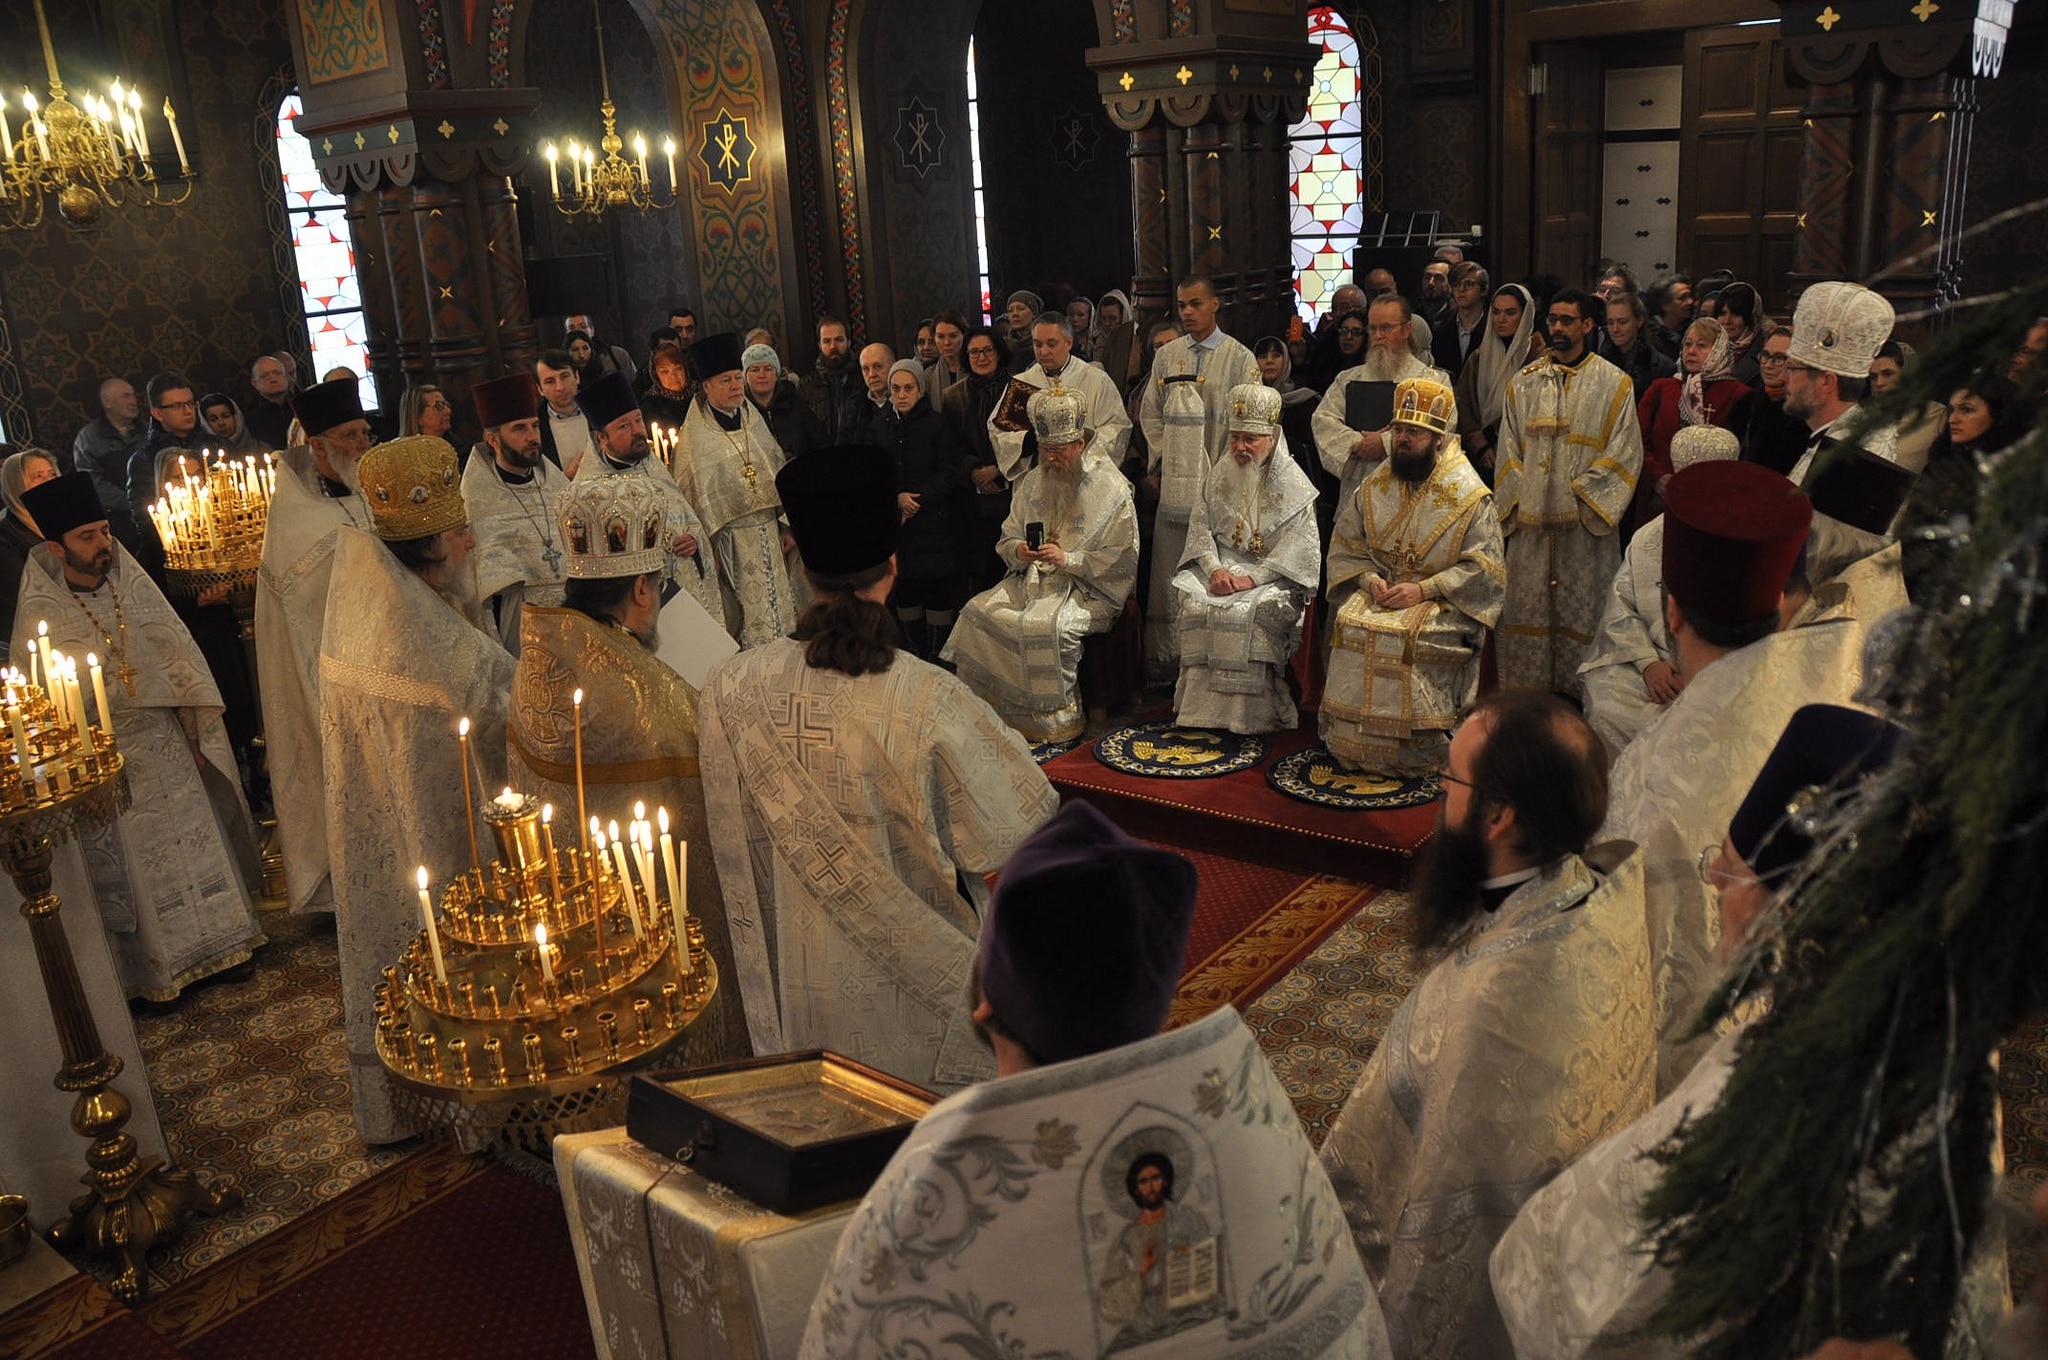 Le matin de la consécration du nouvel évêque Alexandre, nombreux étaient les membres du clergé et les fidèles rassemblés dans l'église russe de Genève autour des quatre évêques consécrateurs et du futur évêque (© 2019 Alex Romash).